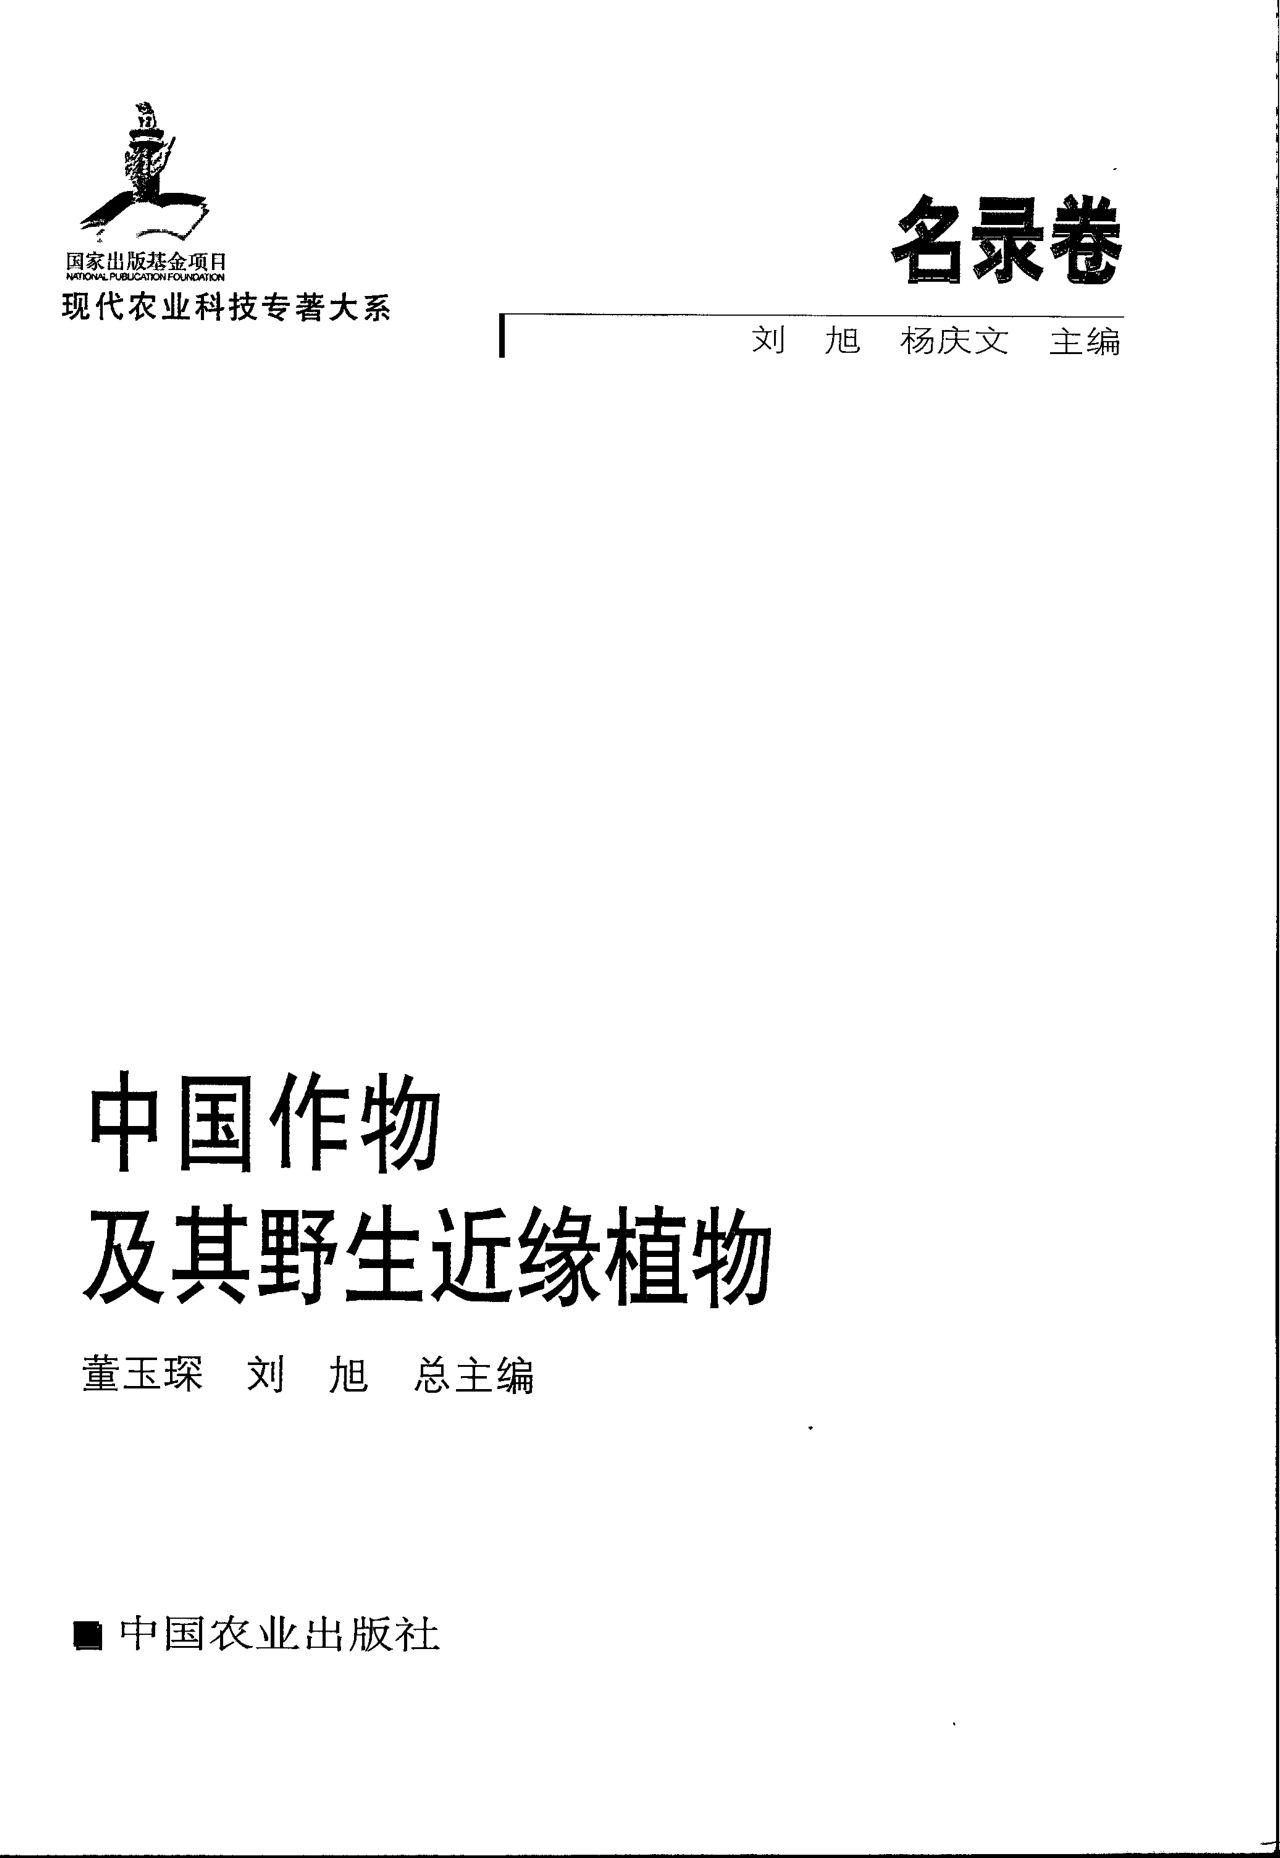 名录卷 中国作物及其野生近缘植物